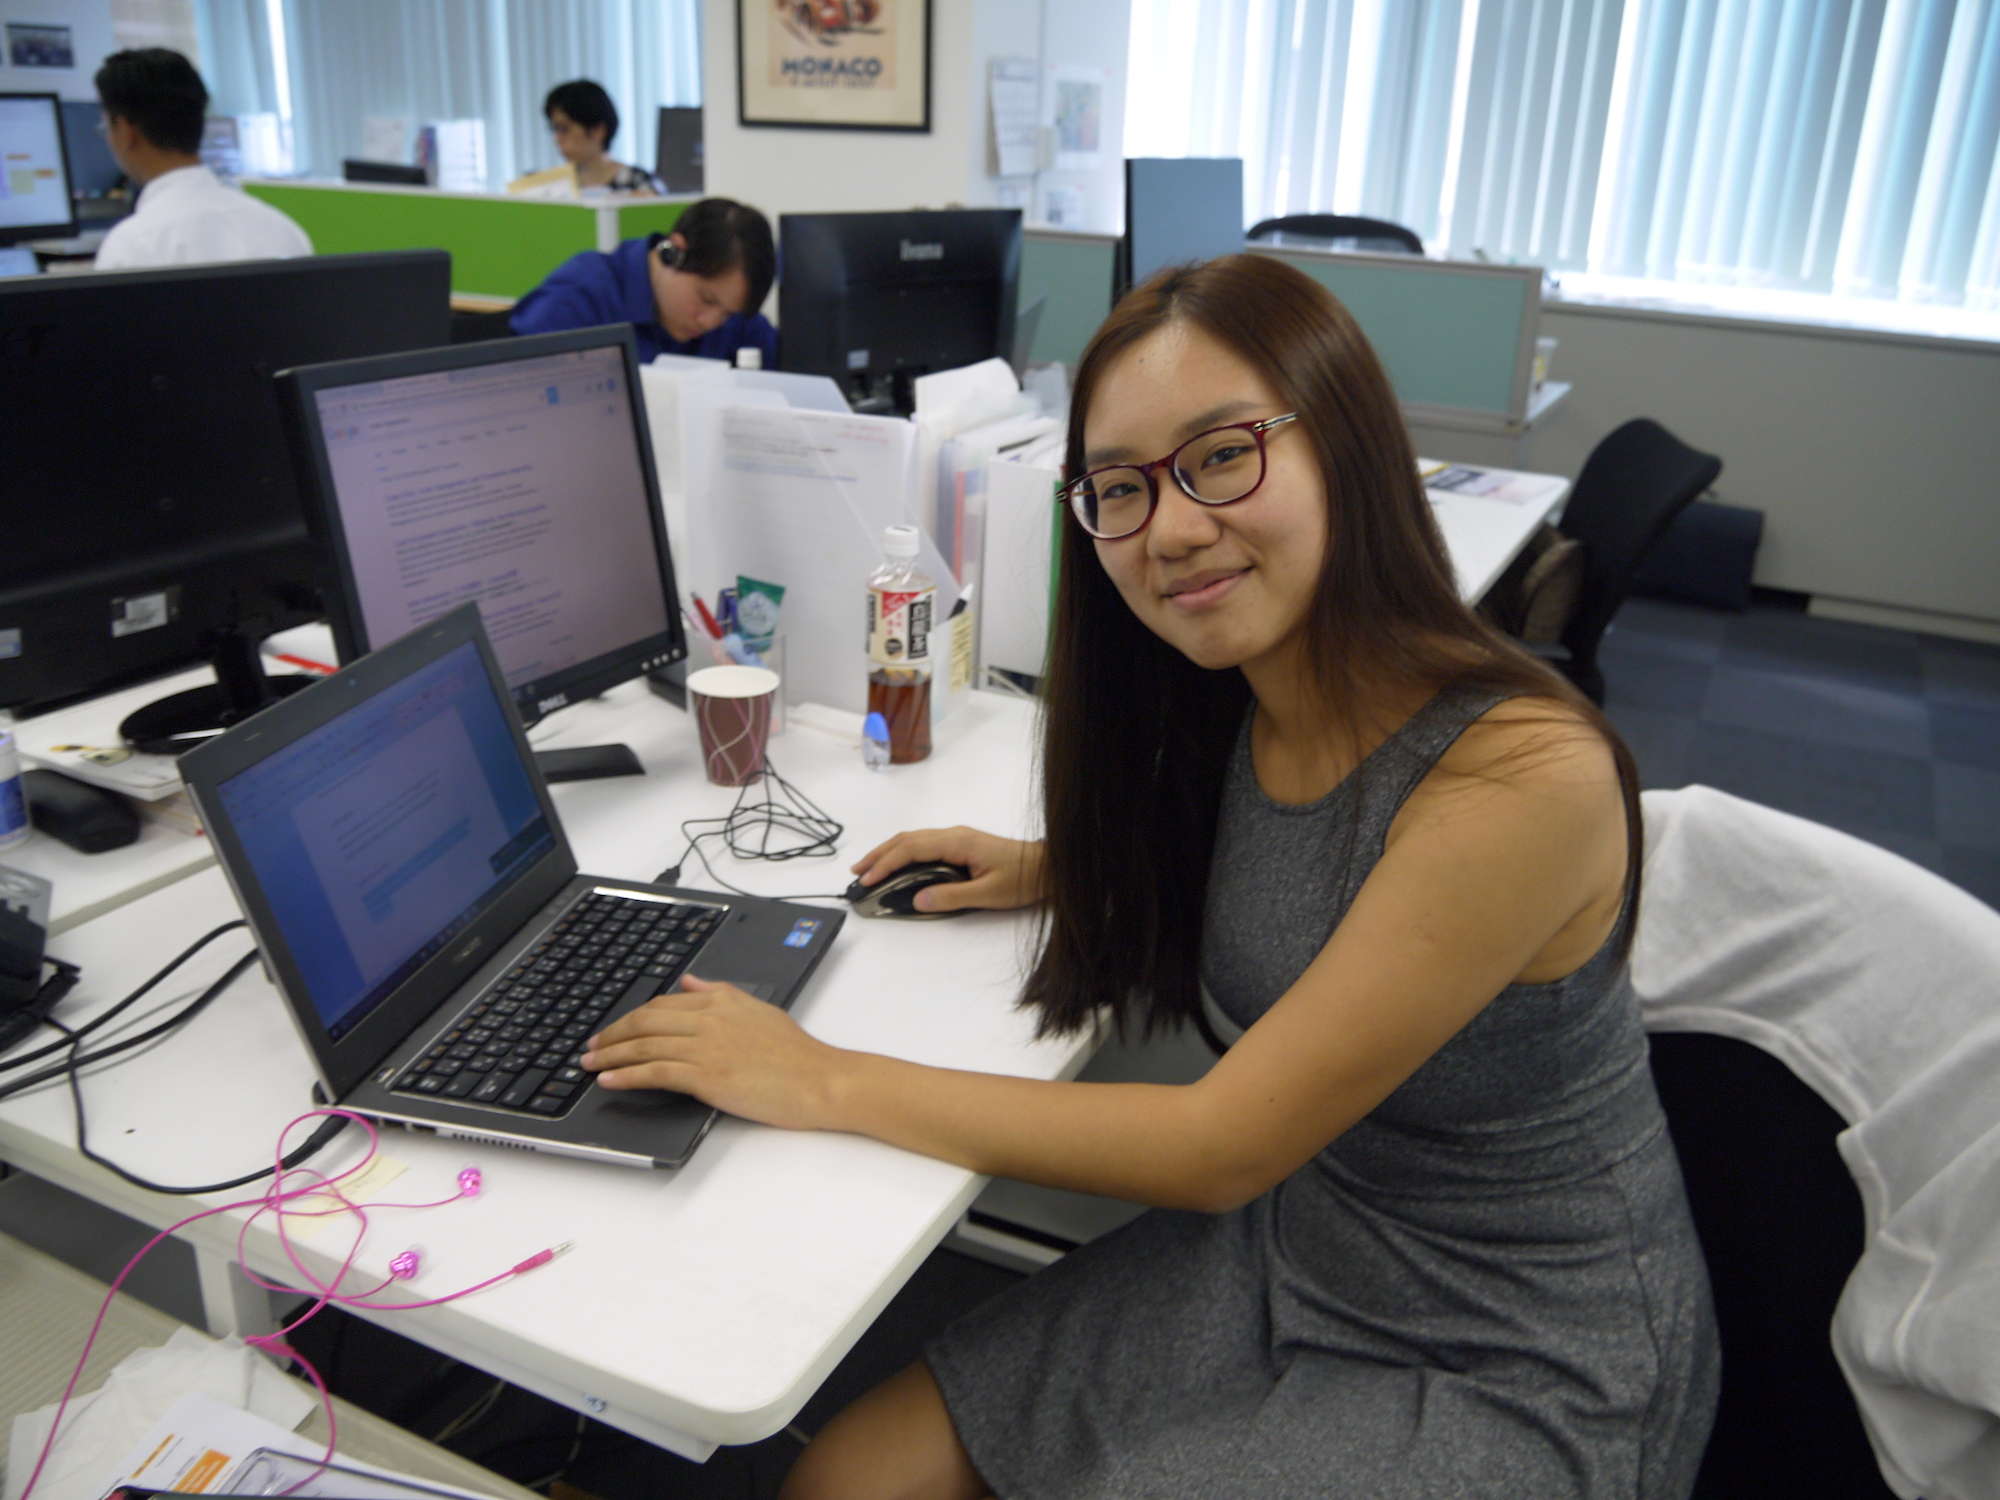 intern working on her computer